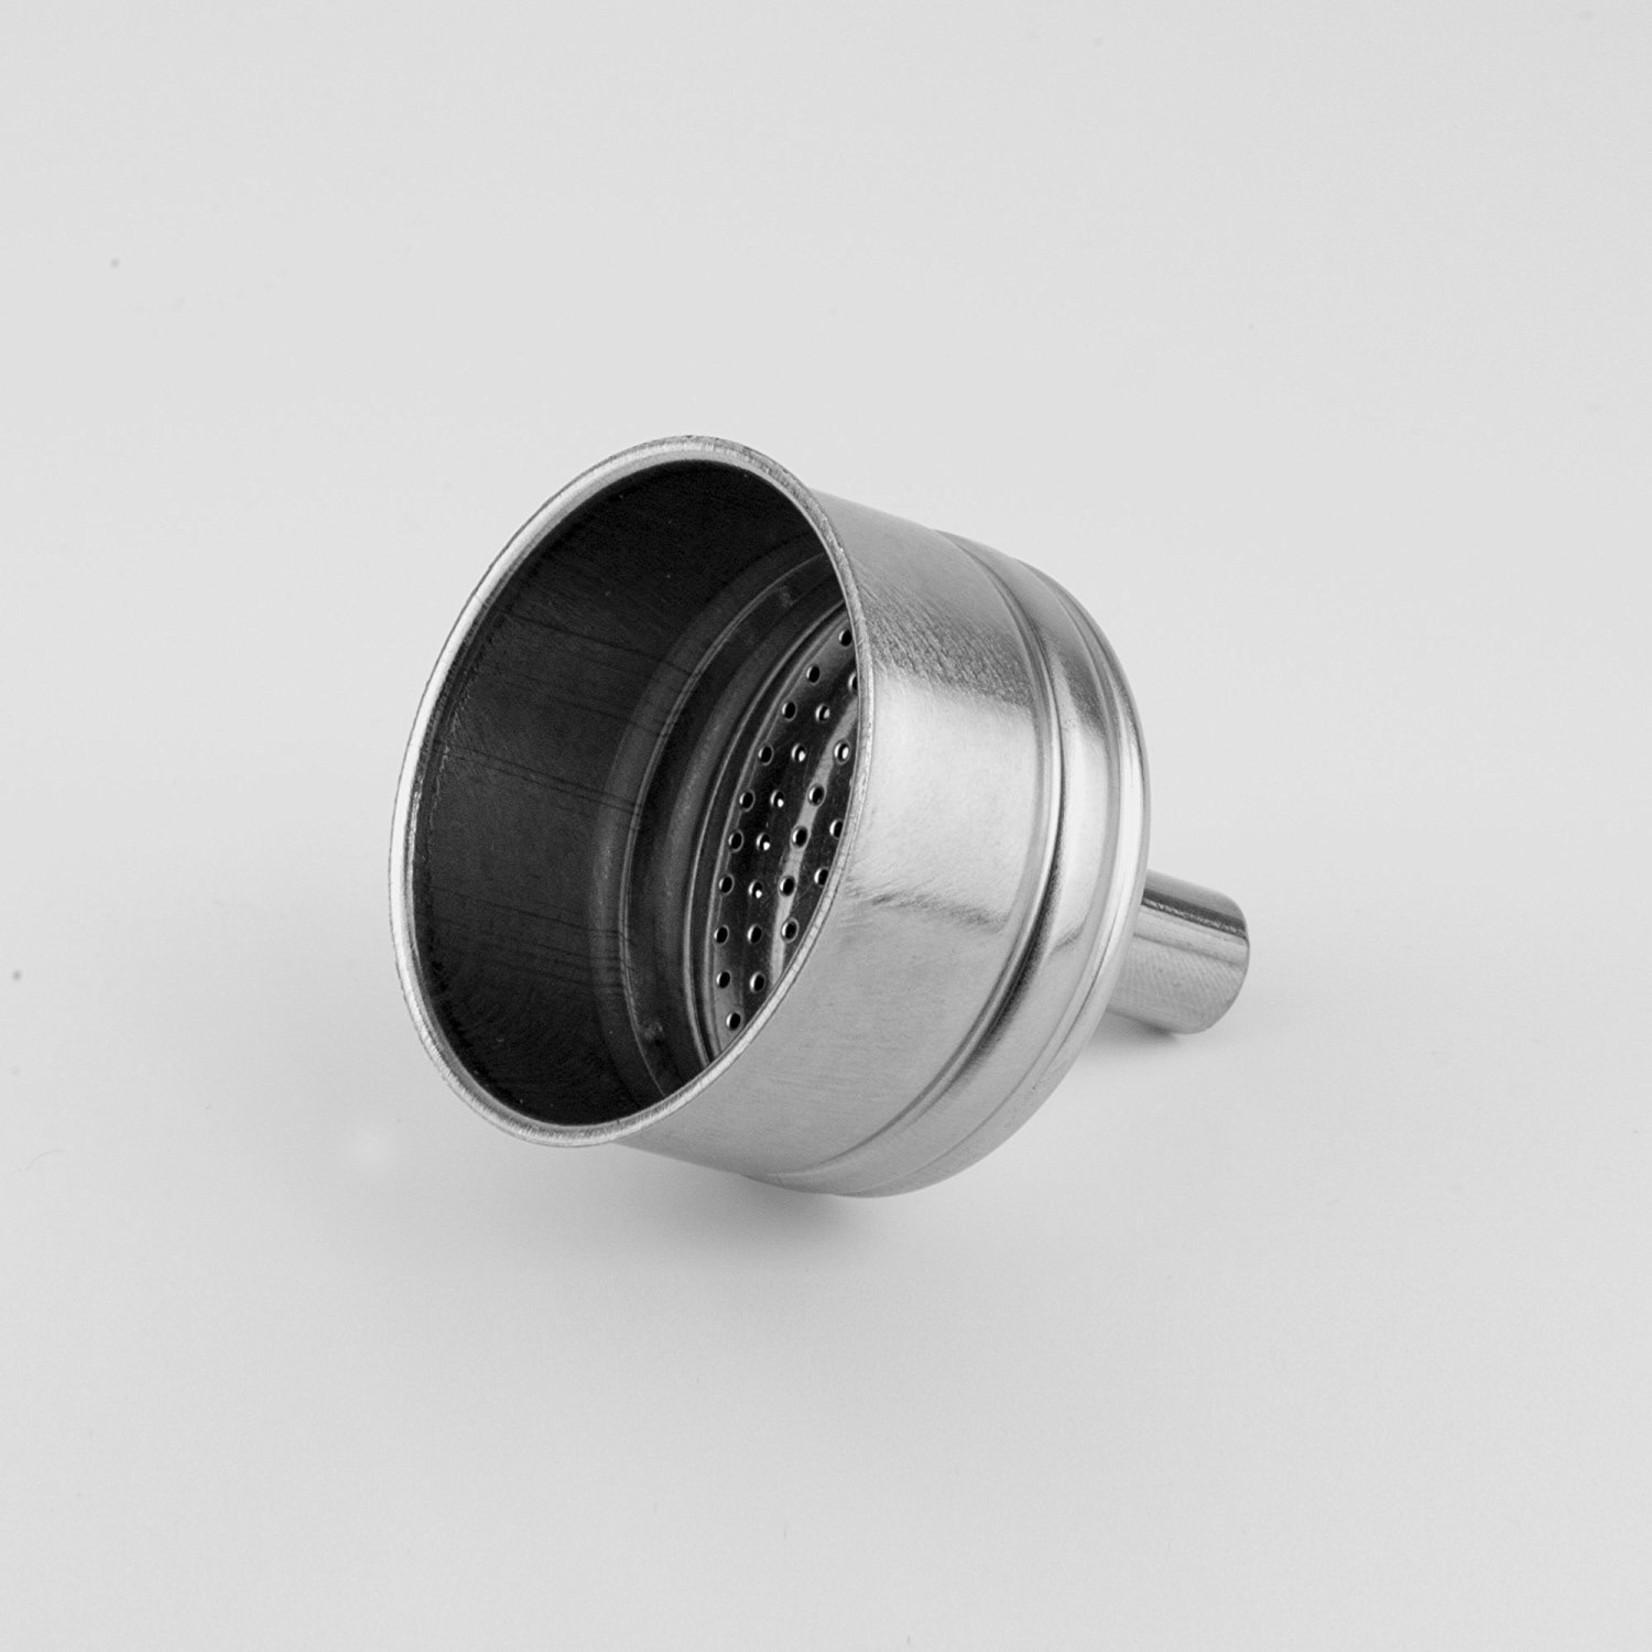 Bialetti Filtertrechter 2-kops RVS